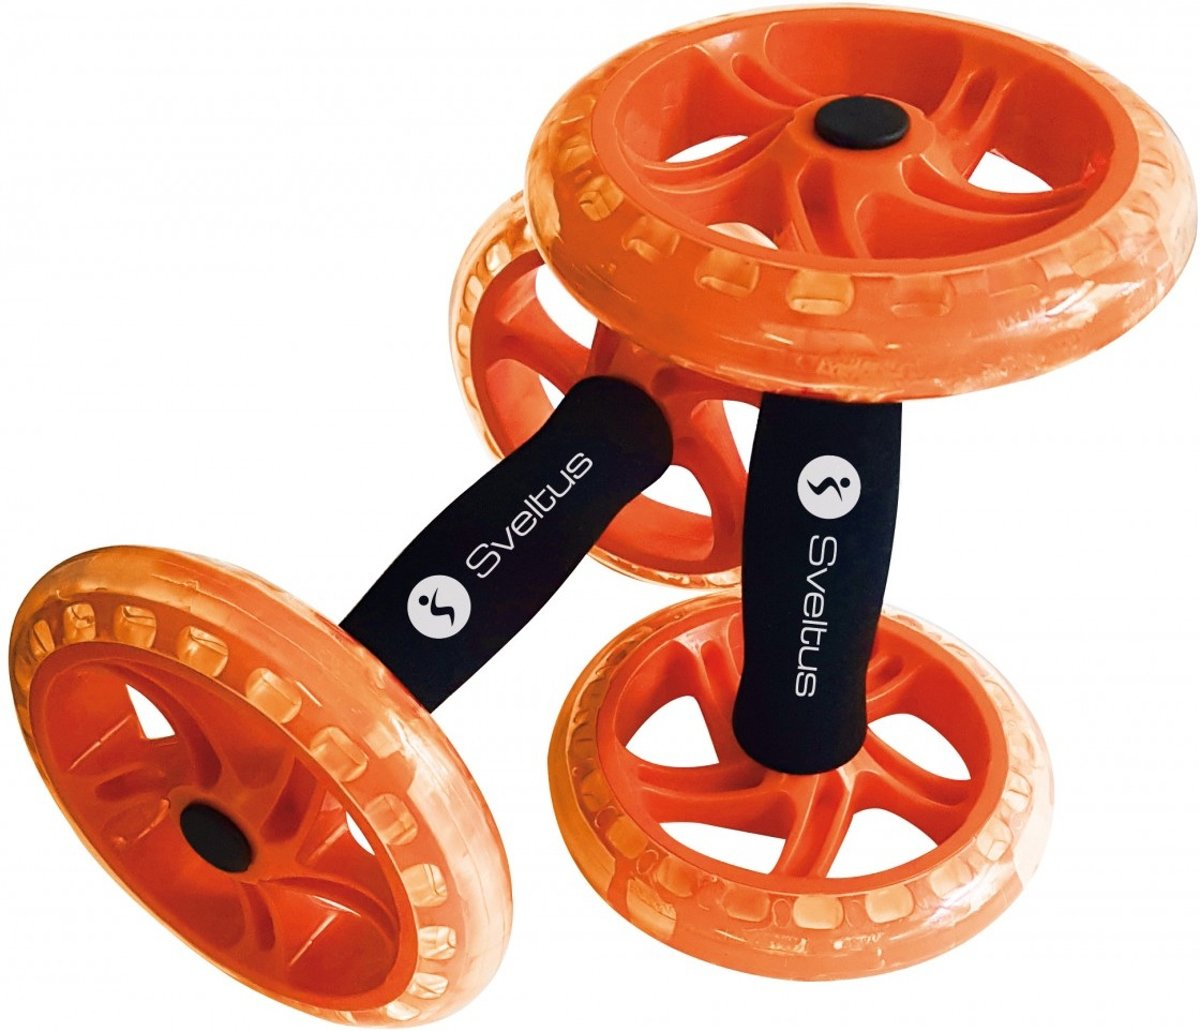 Sveltus Trainingswielen Oranje 2 Stuks 14 Cm